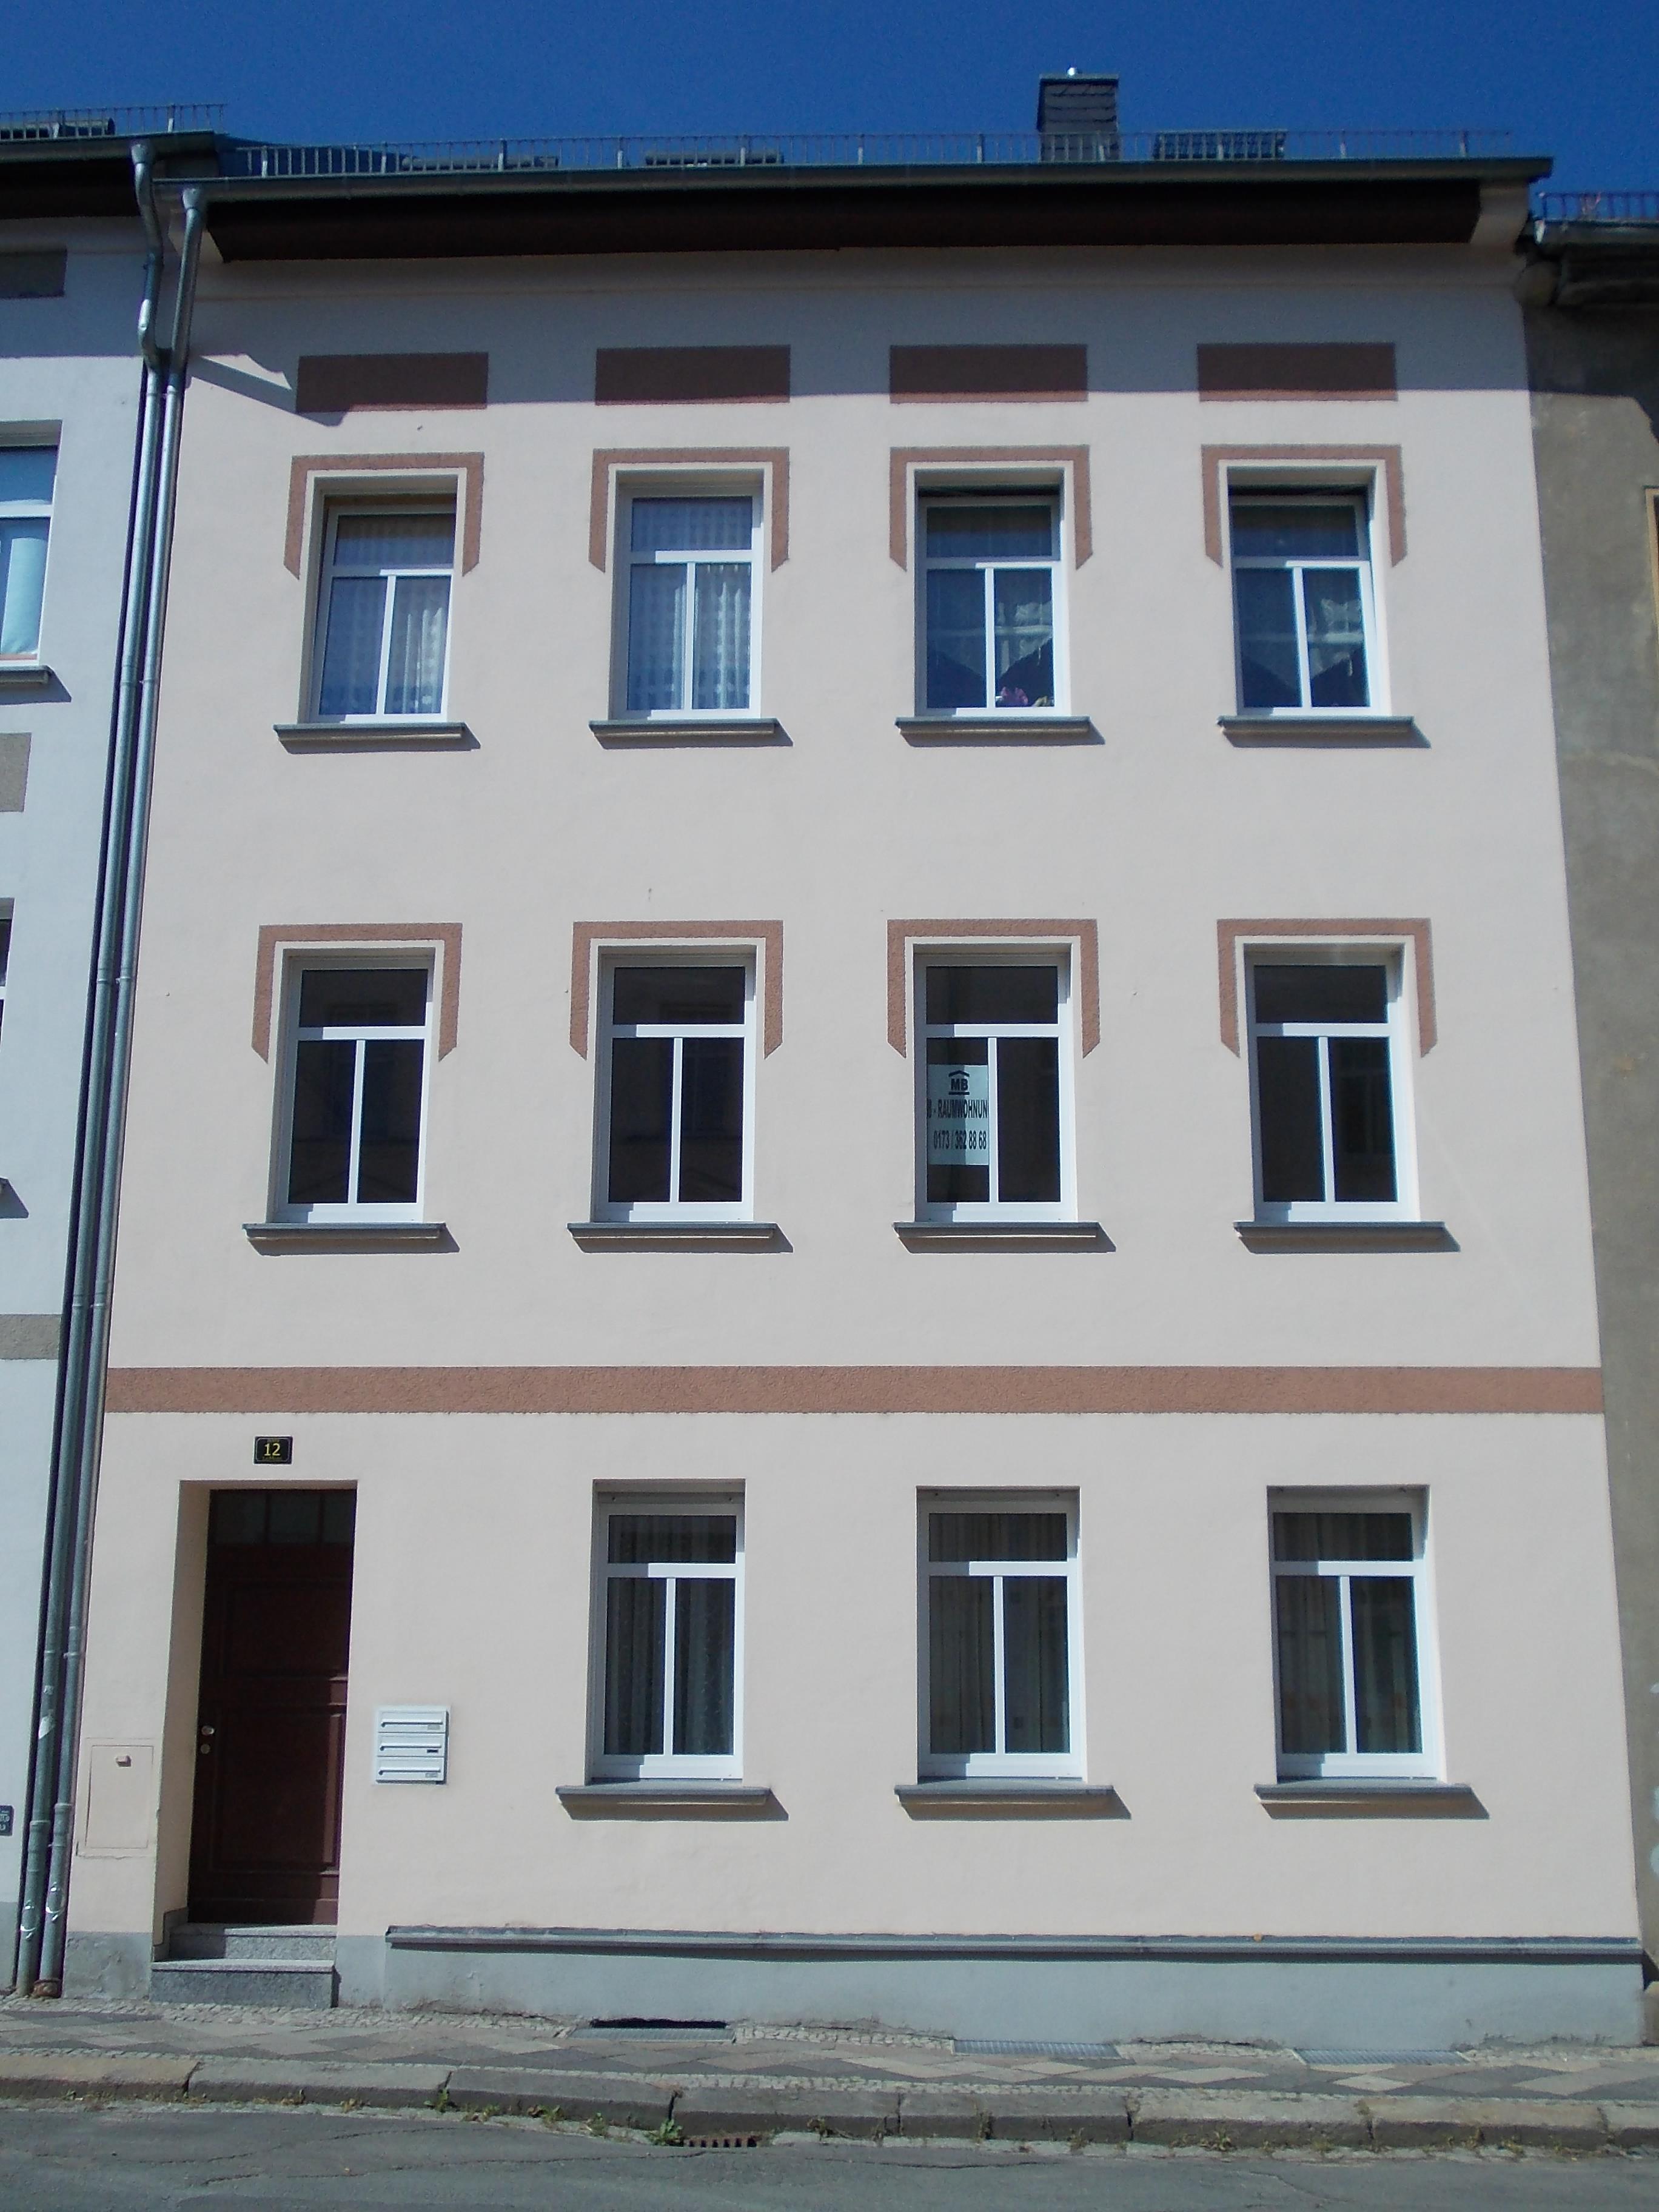 2 raum wohnung mit terrasse lindenstra e 12 07546 gera ostviertel. Black Bedroom Furniture Sets. Home Design Ideas